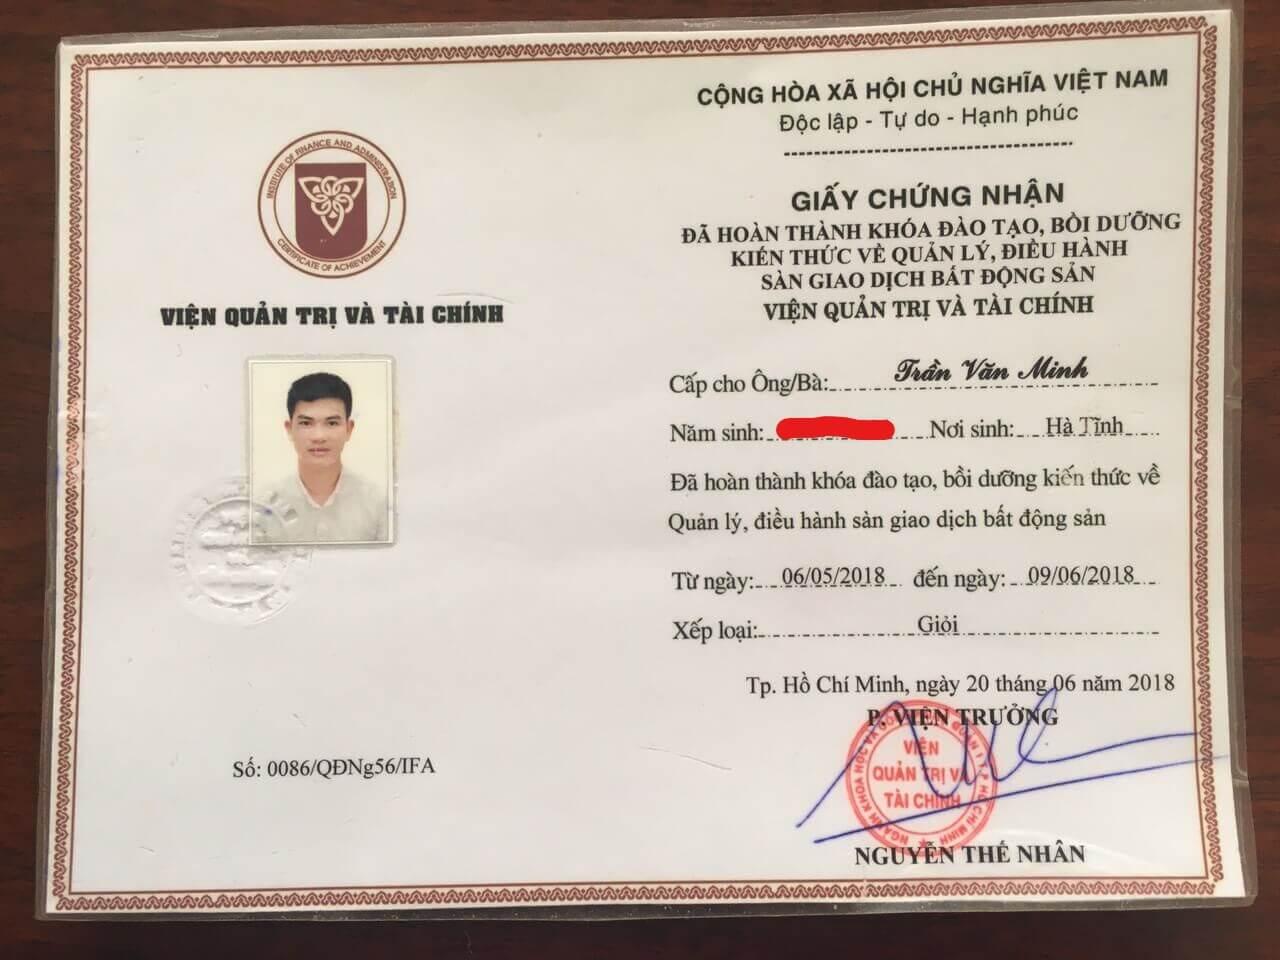 Trần Minh BĐS - Chứng nhận quản lý điều hành sàn